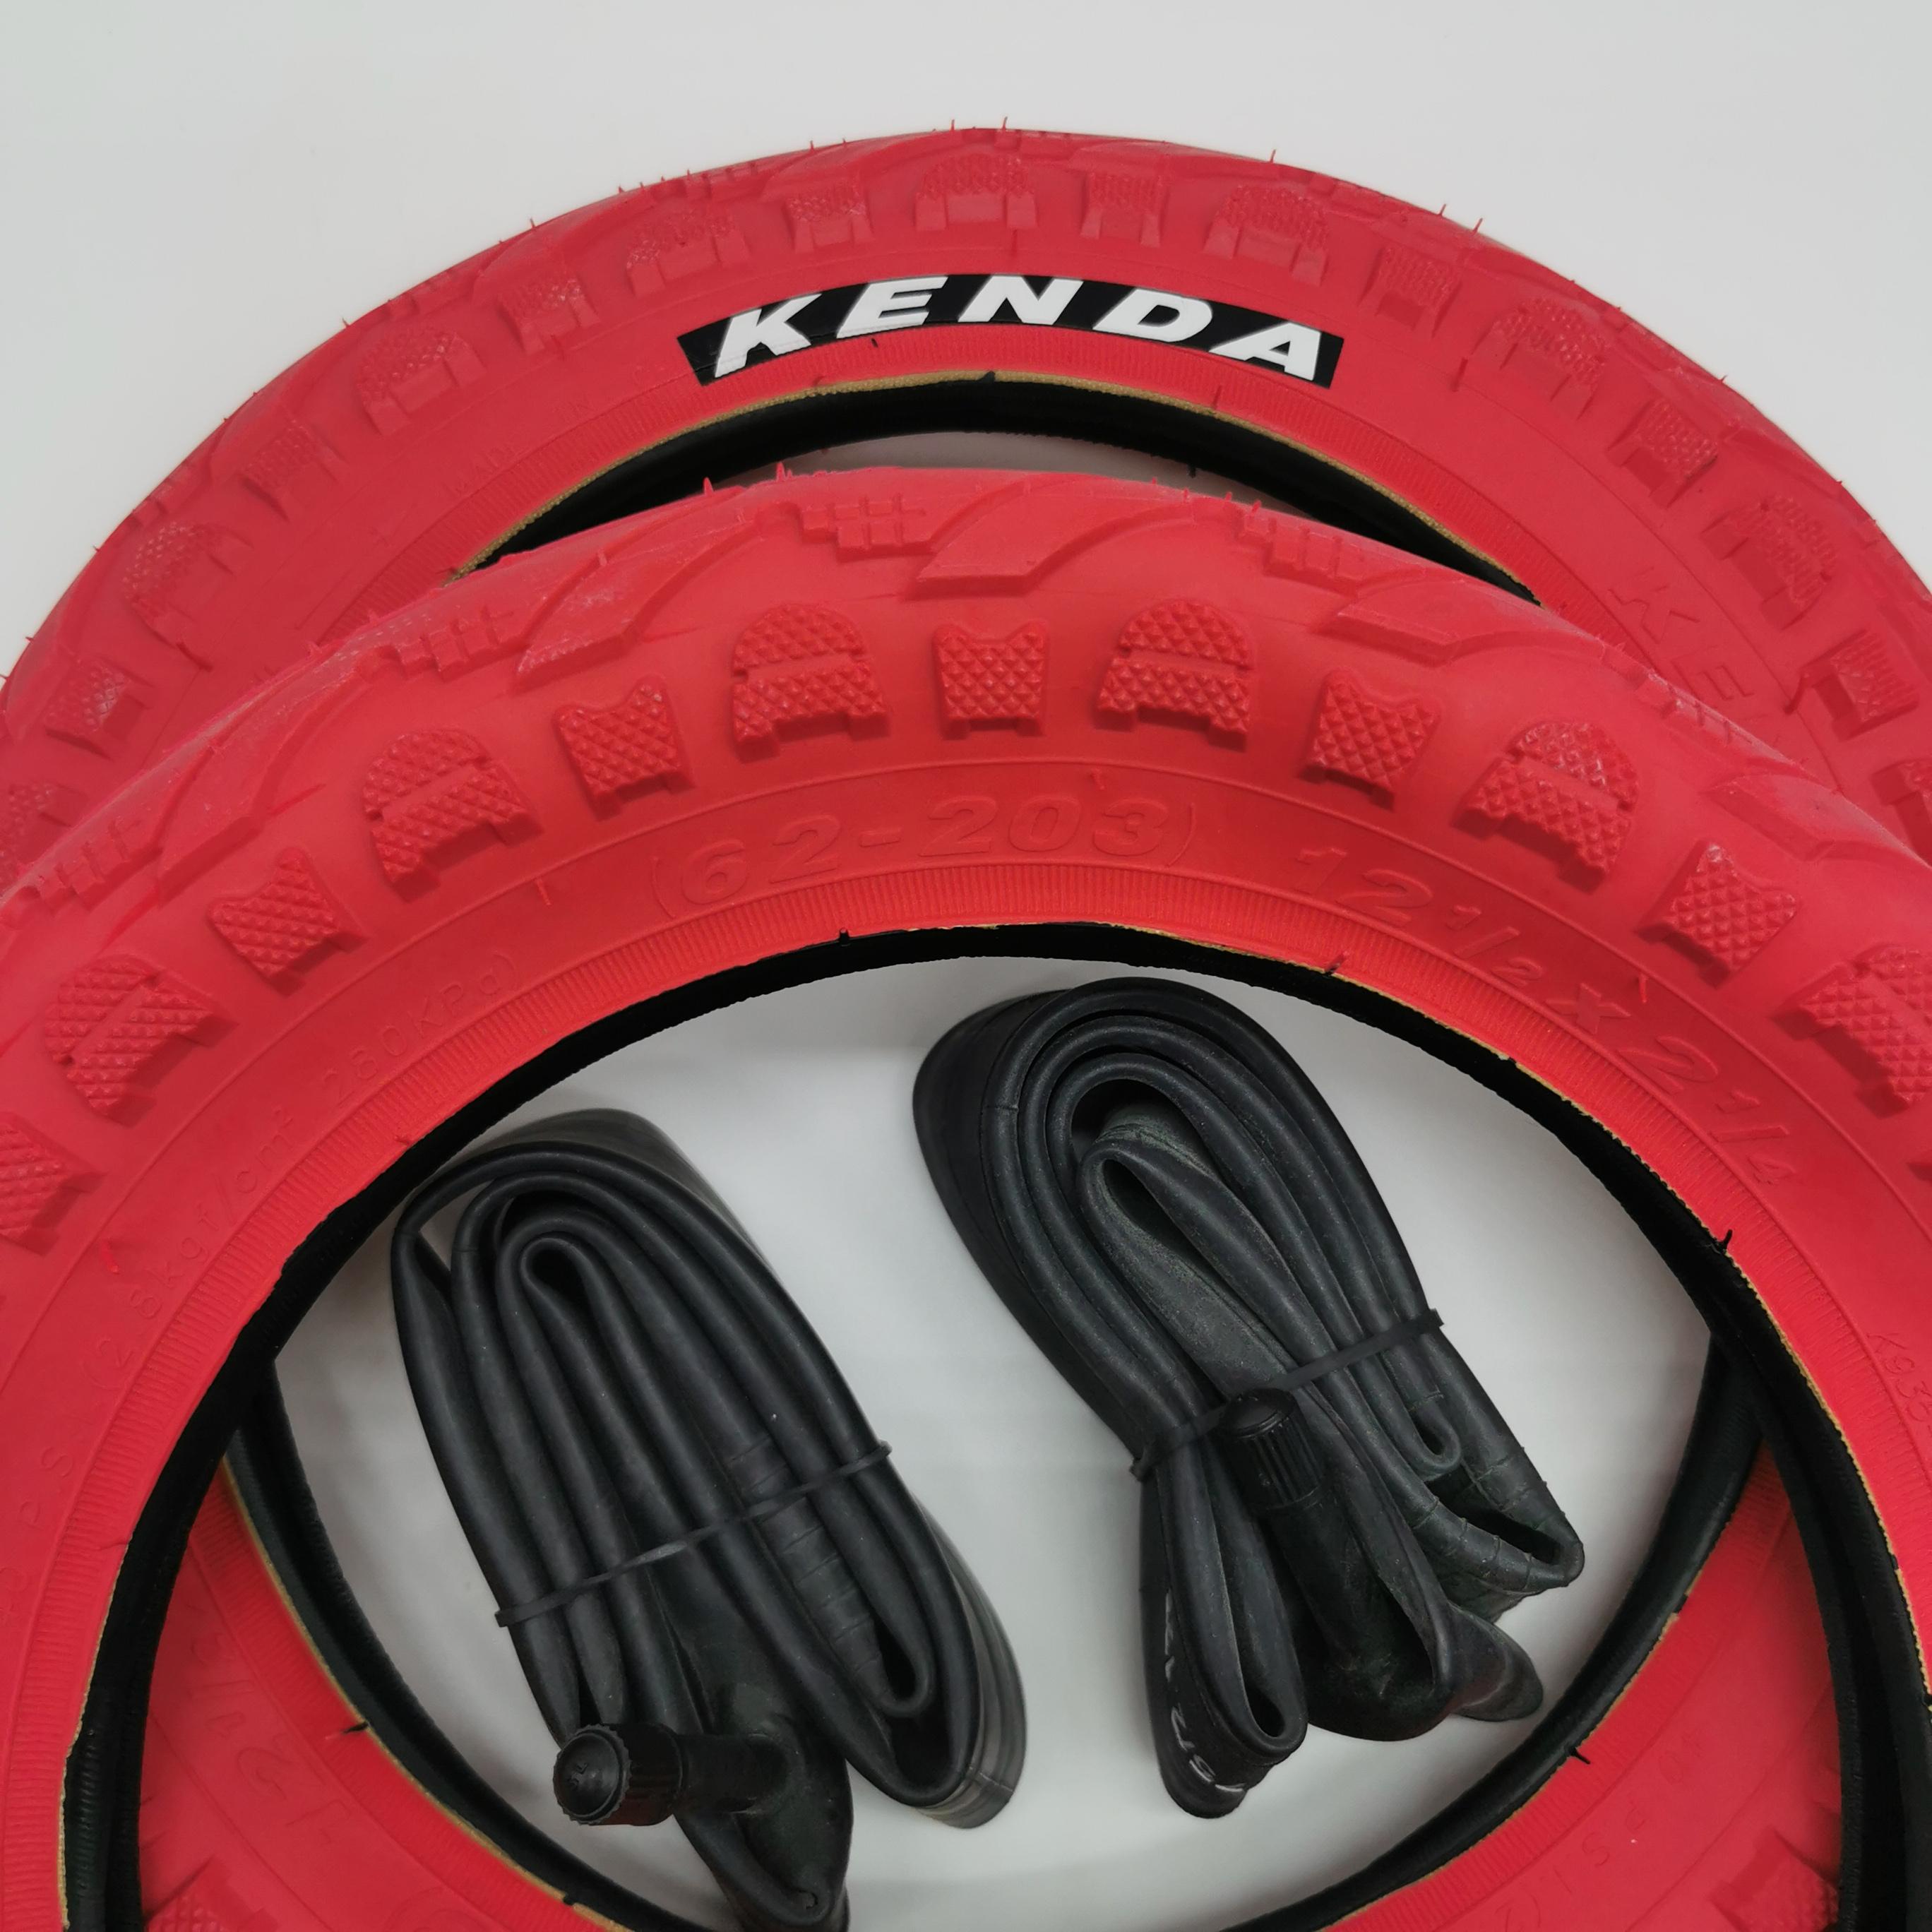 """Kenda /""""Kahn/"""" Mantel Reifen Decke 12 1//2 x 2 1//4-62-203 in 5 Farben"""